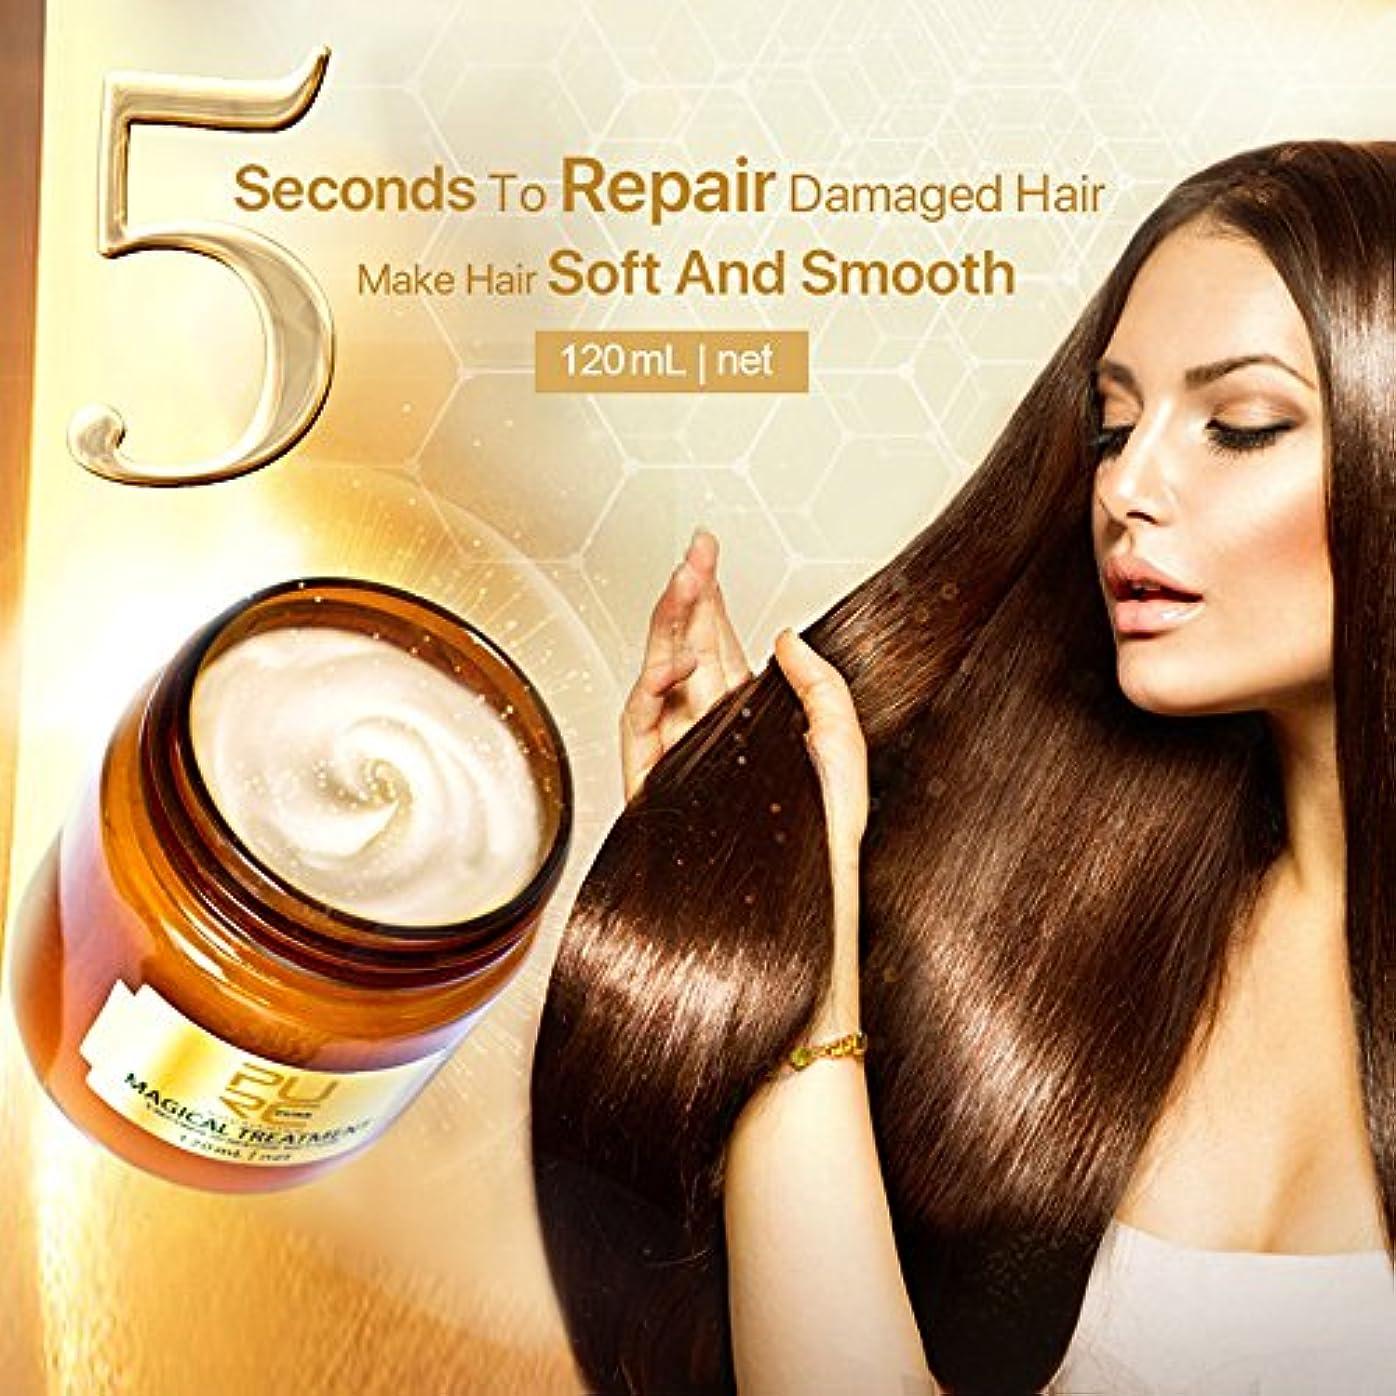 説教昇る生きるディープリペア軟膏ヘアマスク 高度な分子 毛根治療の回復 魔法のヘアマスクは コンディショナー ヘアケアコンディショ すべての髪のタイプのケラチンヘアの柔らかい髪を復元します (120ML)